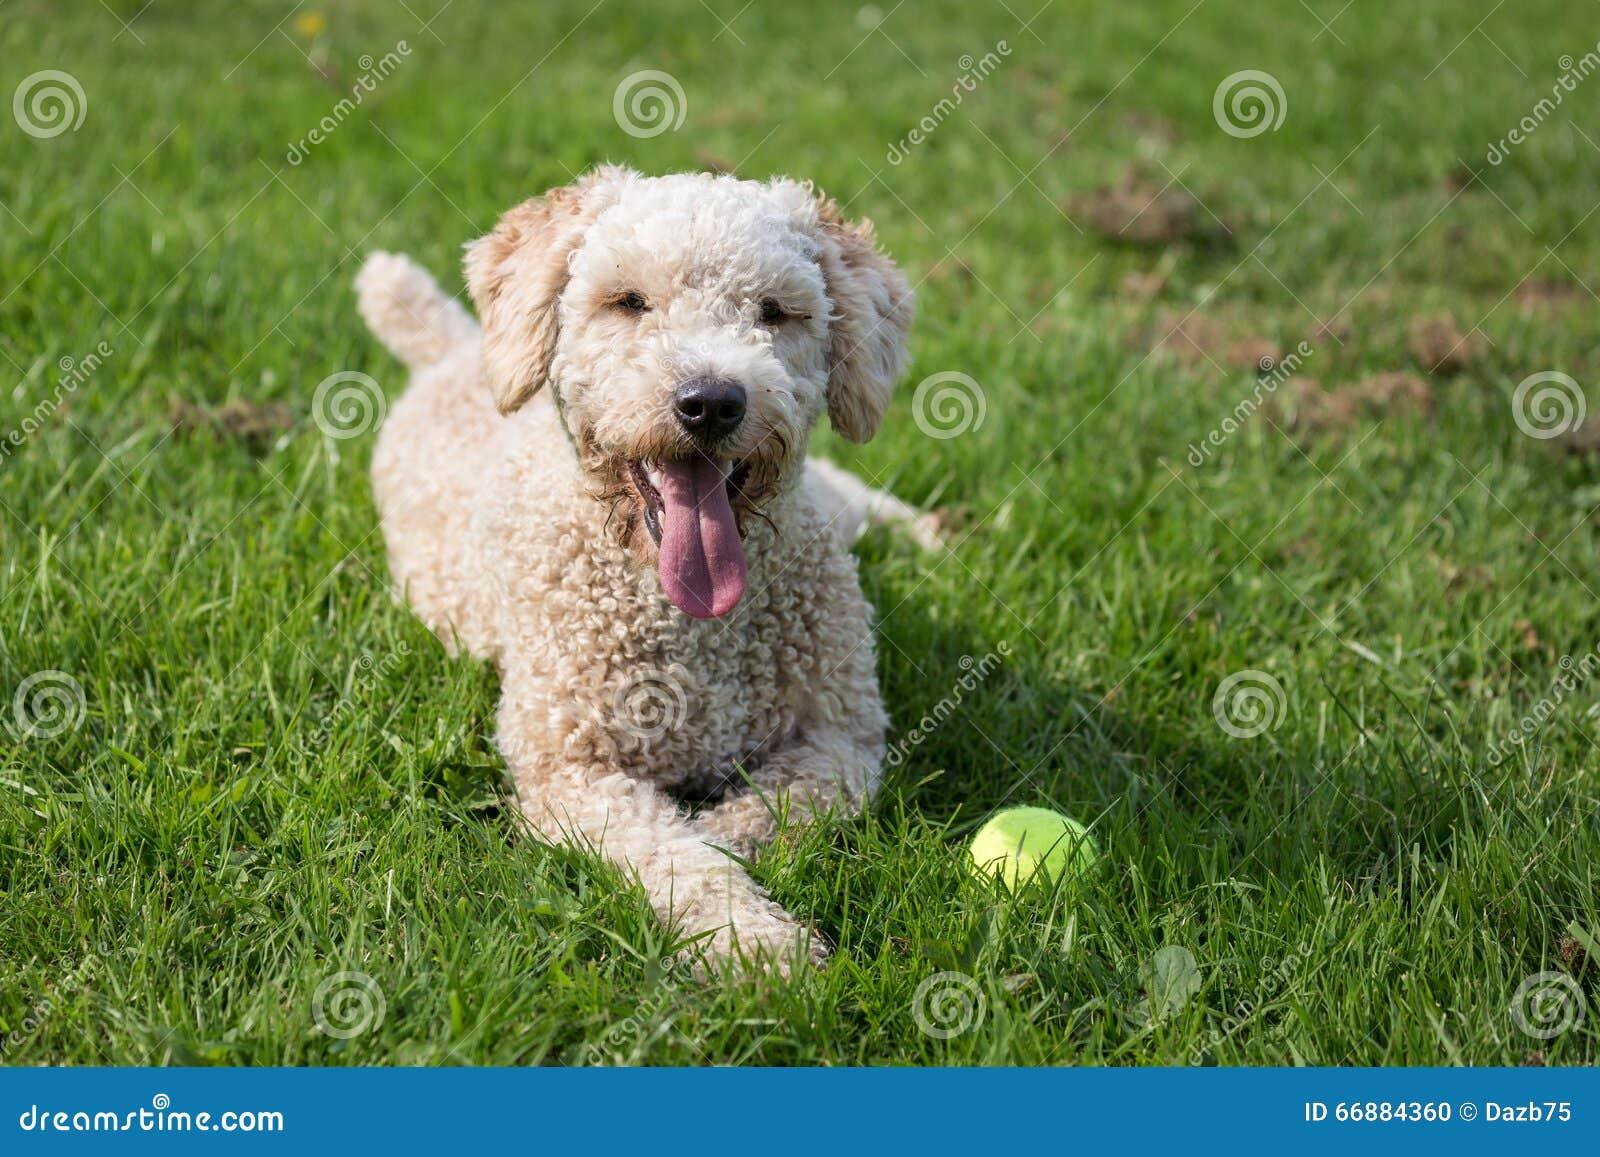 Cane da caccia in palude spagnolo